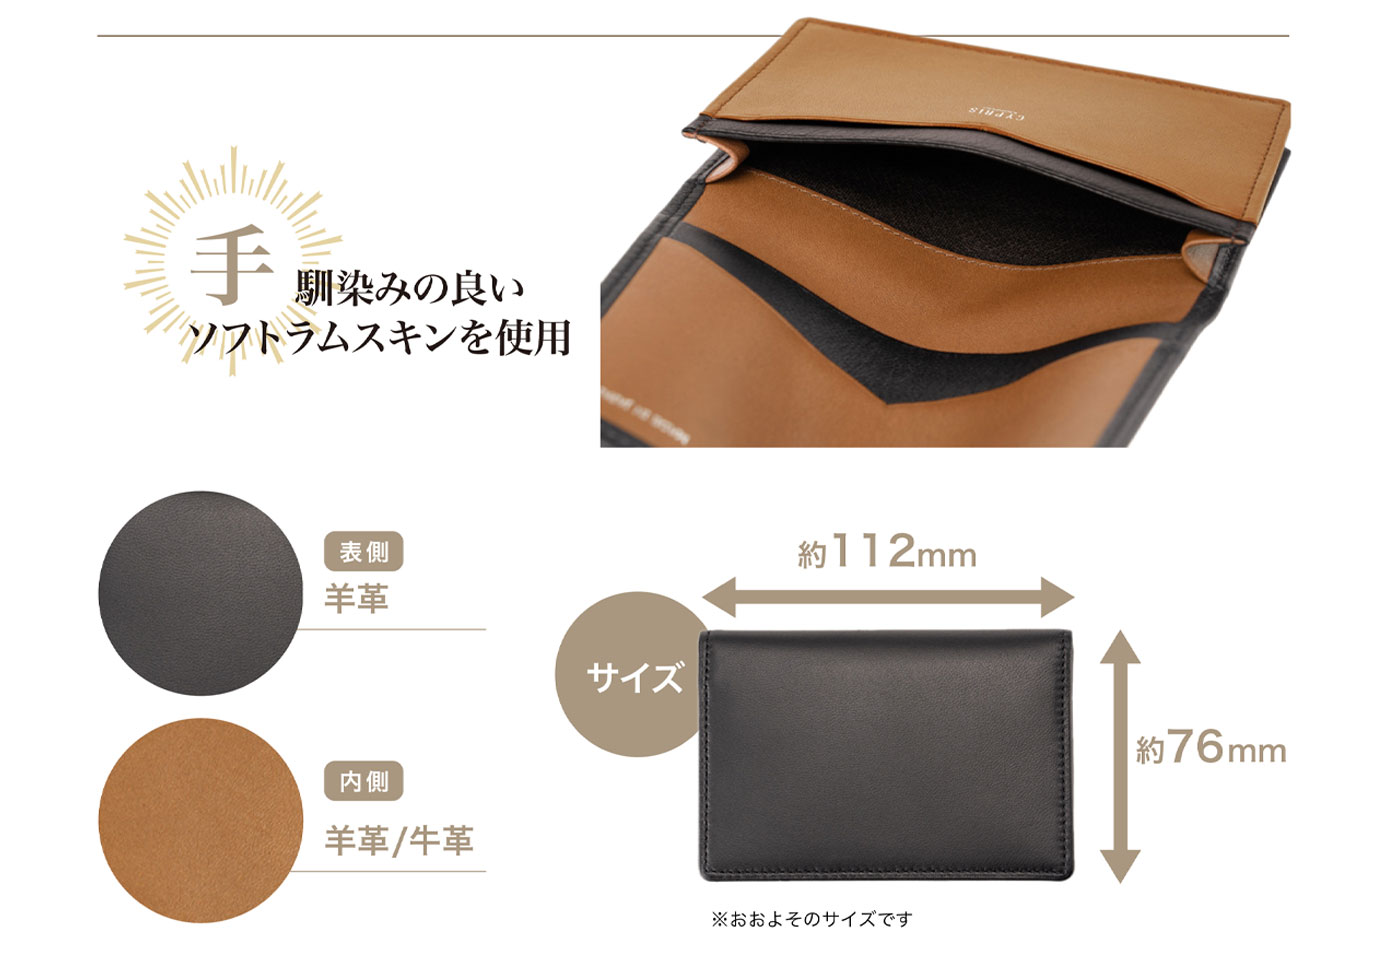 キプリス 革財布,革製品